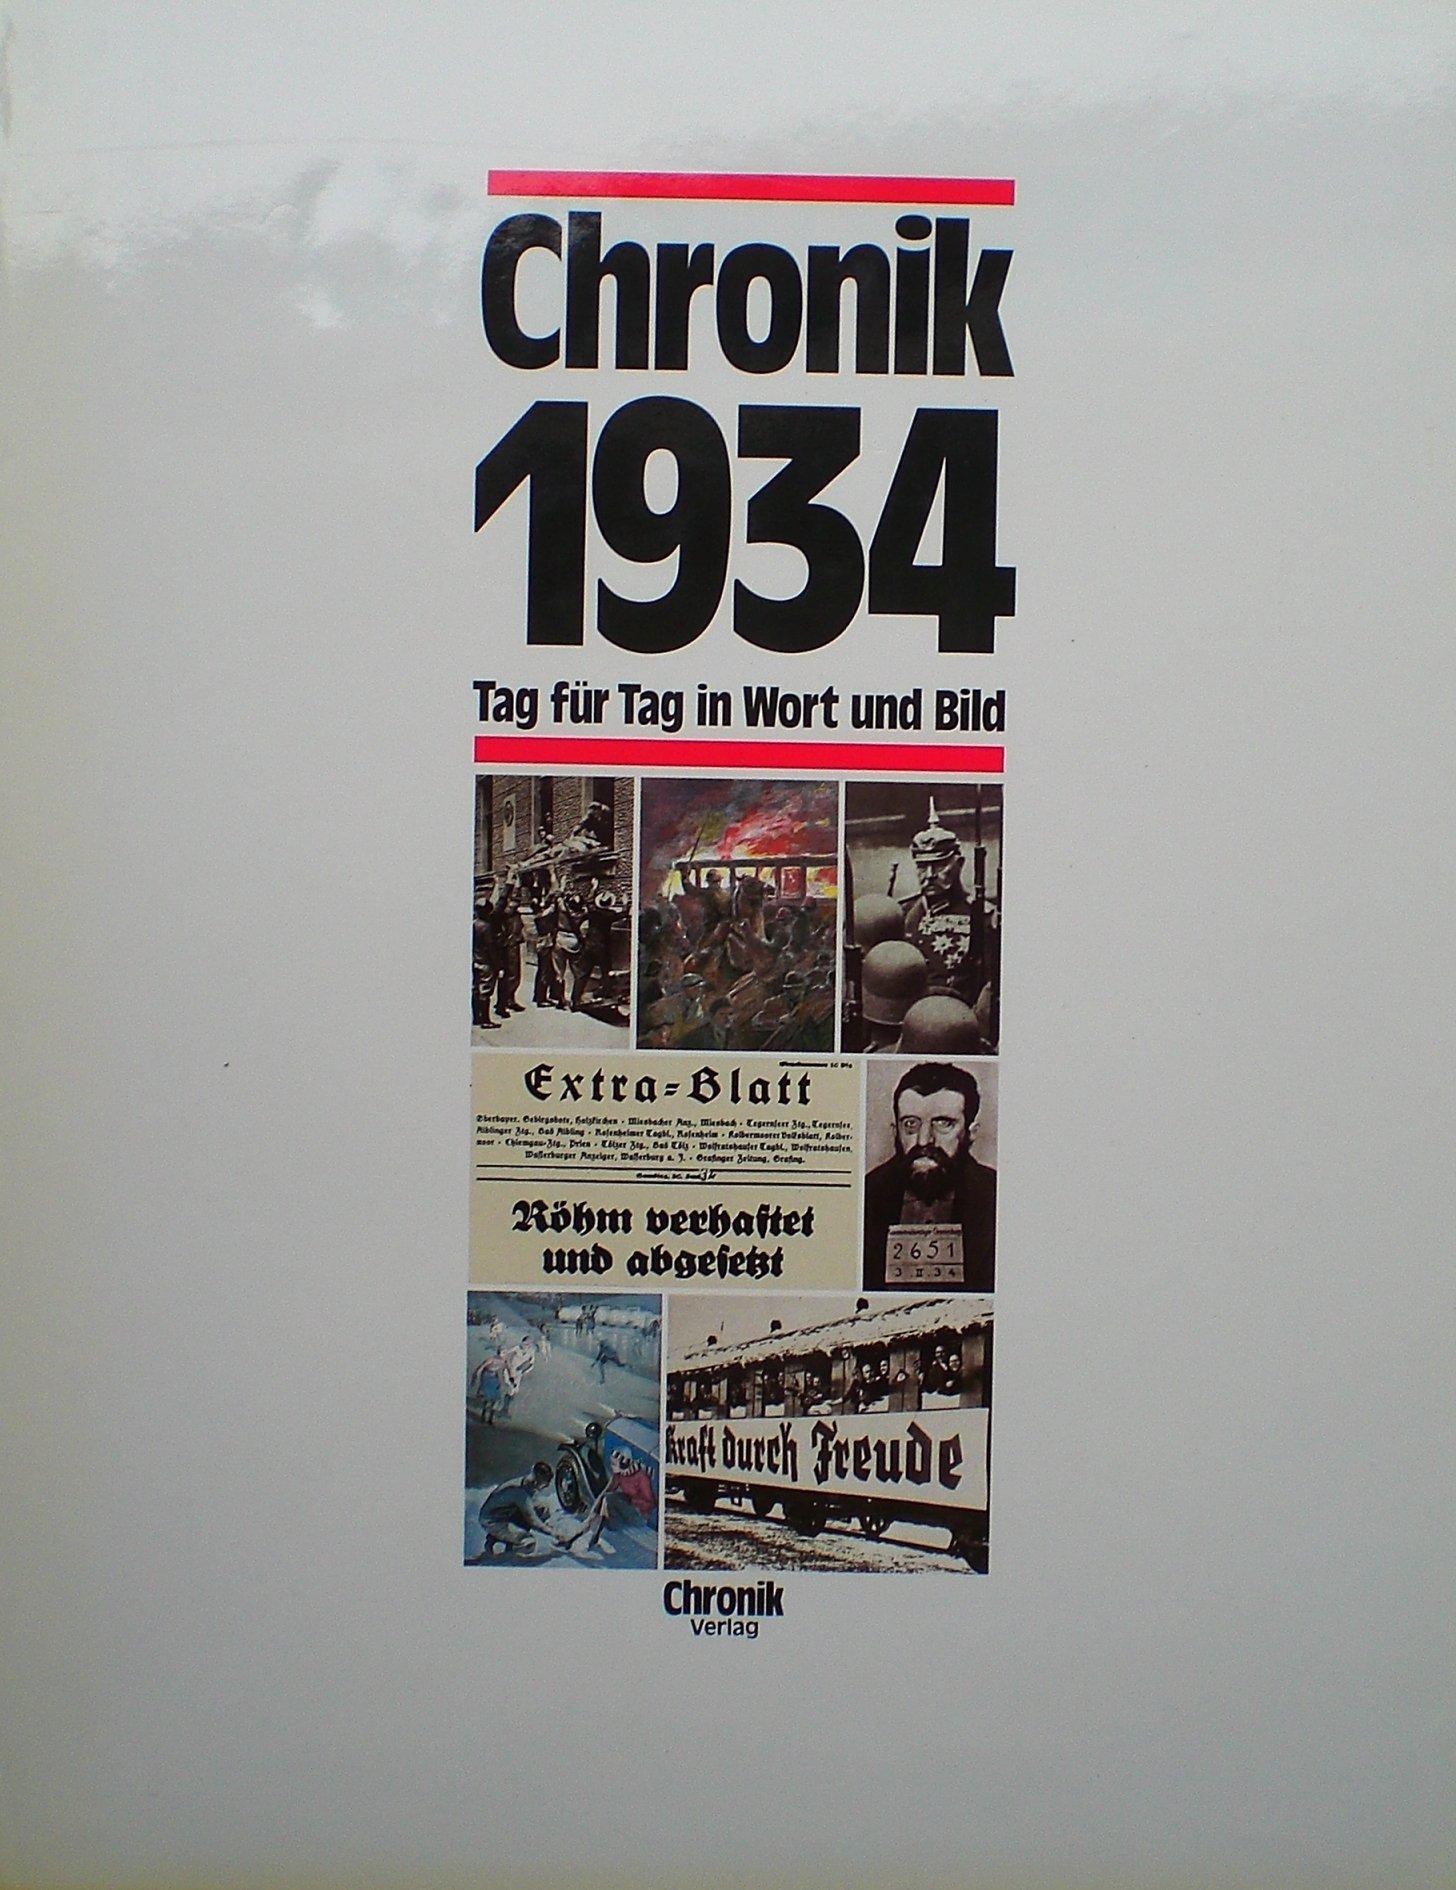 Chronik 1934 (Chronik / Bibliothek des 20. Jahrhunderts. Tag für Tag in Wort und Bild)